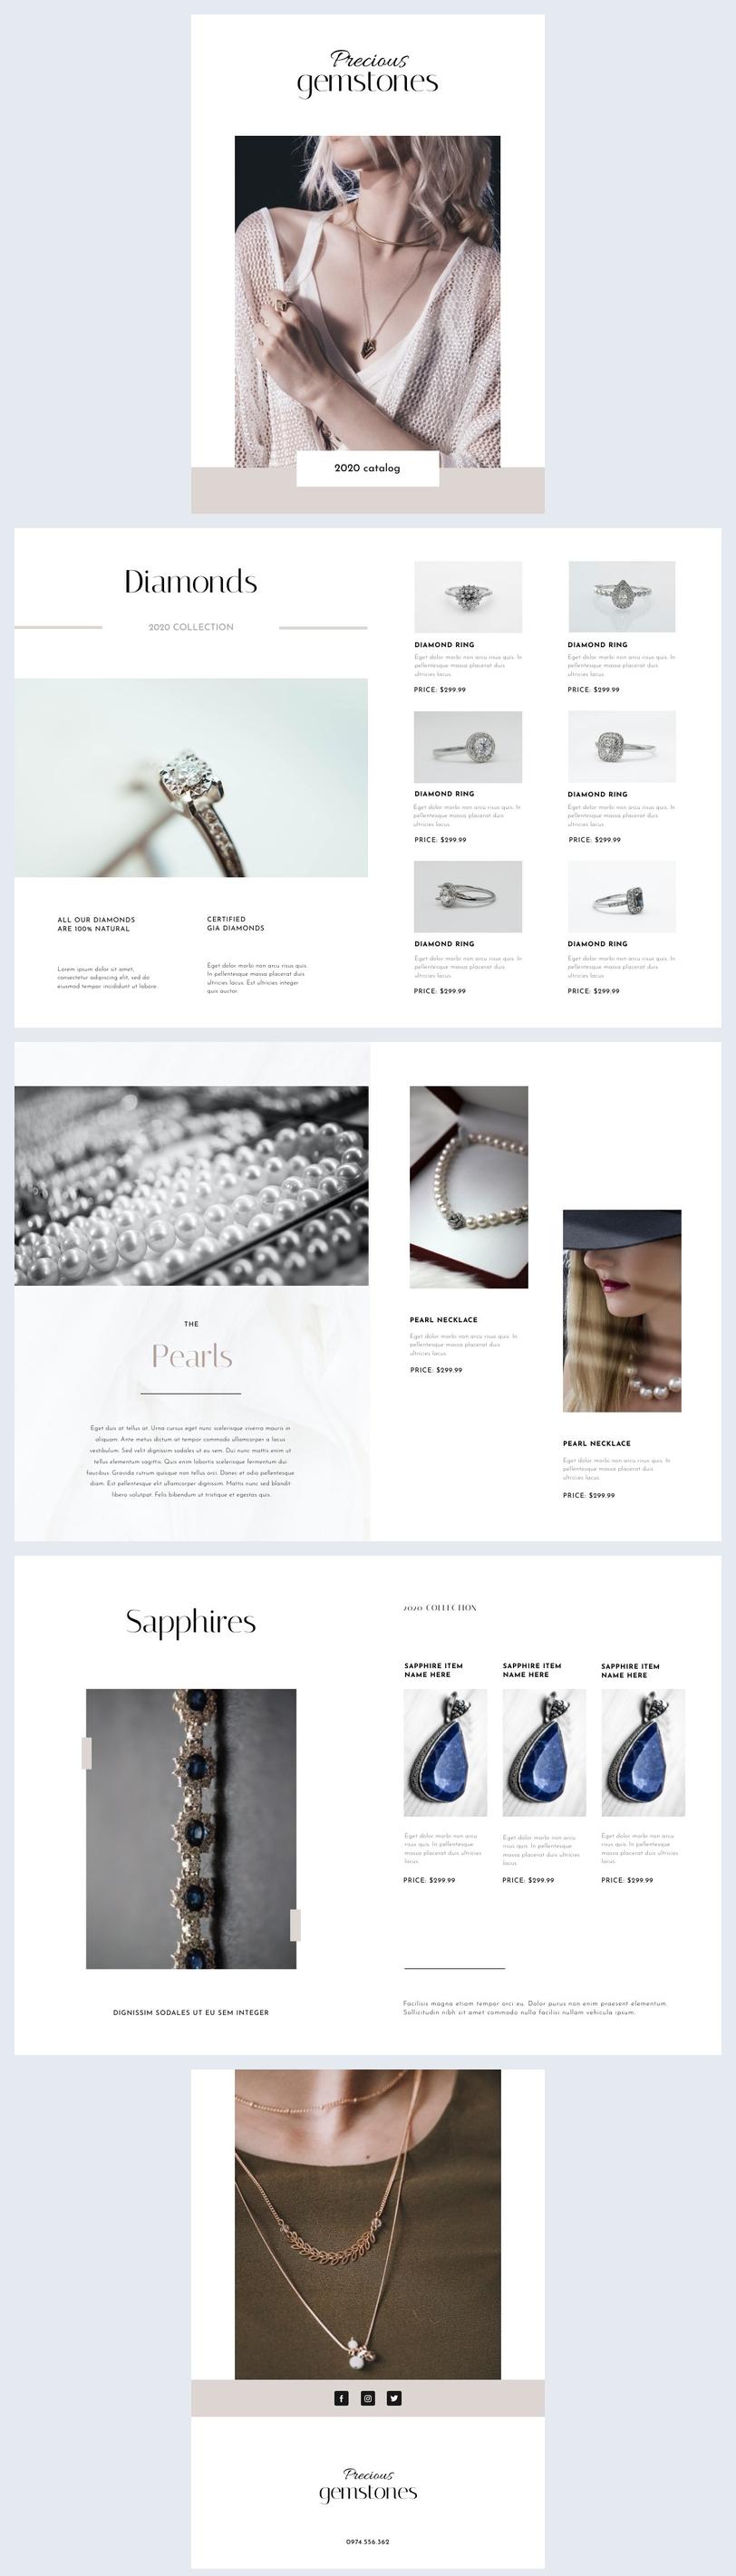 Apariencia de catálogo para diseños de joyería